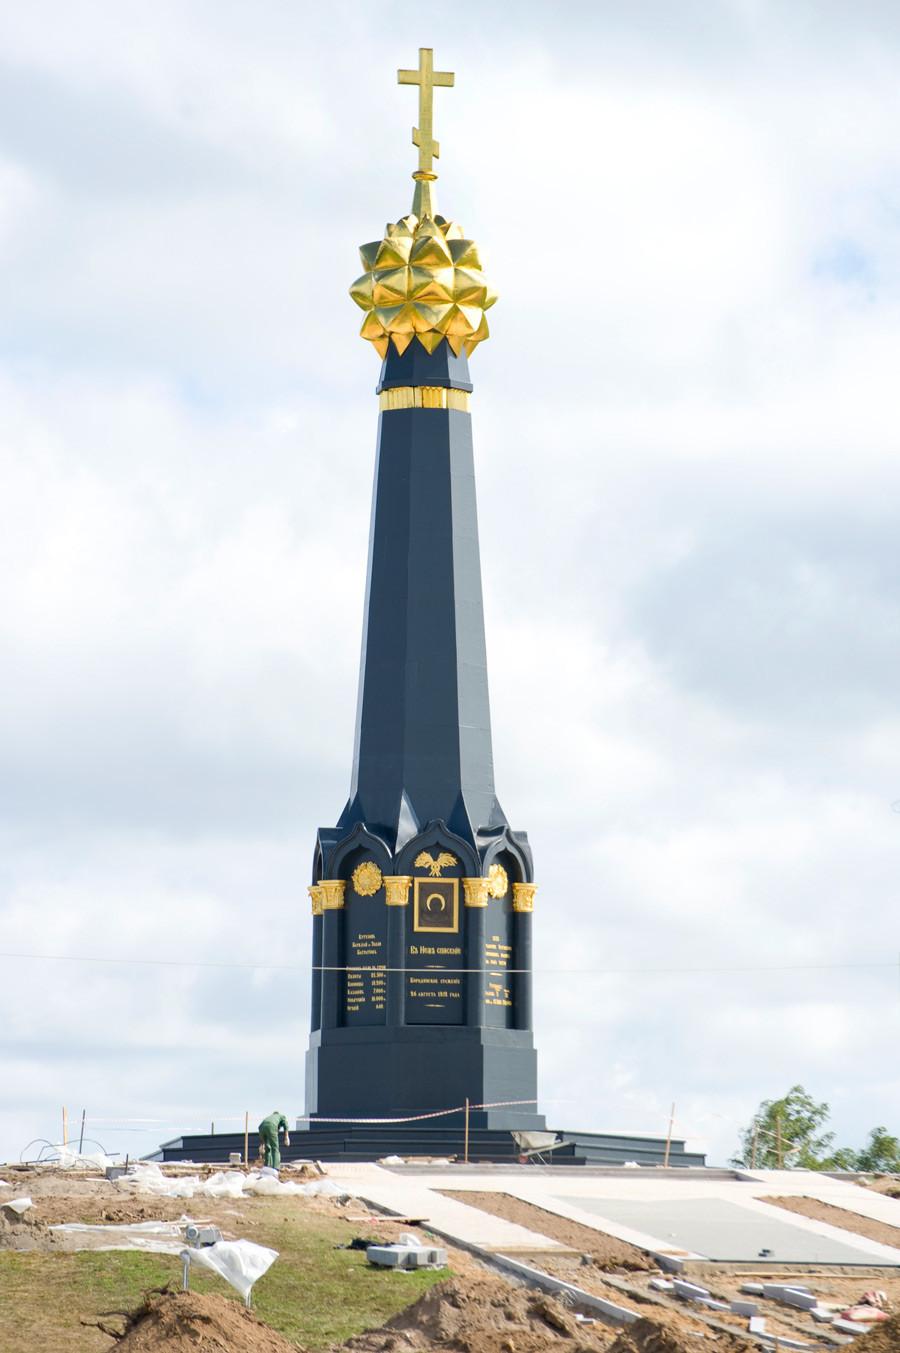 Monumen utama untuk tentara Rusia di medan perang Borodino. Dibangun kembali pada tahun 1987. 21 Agustus 2012.